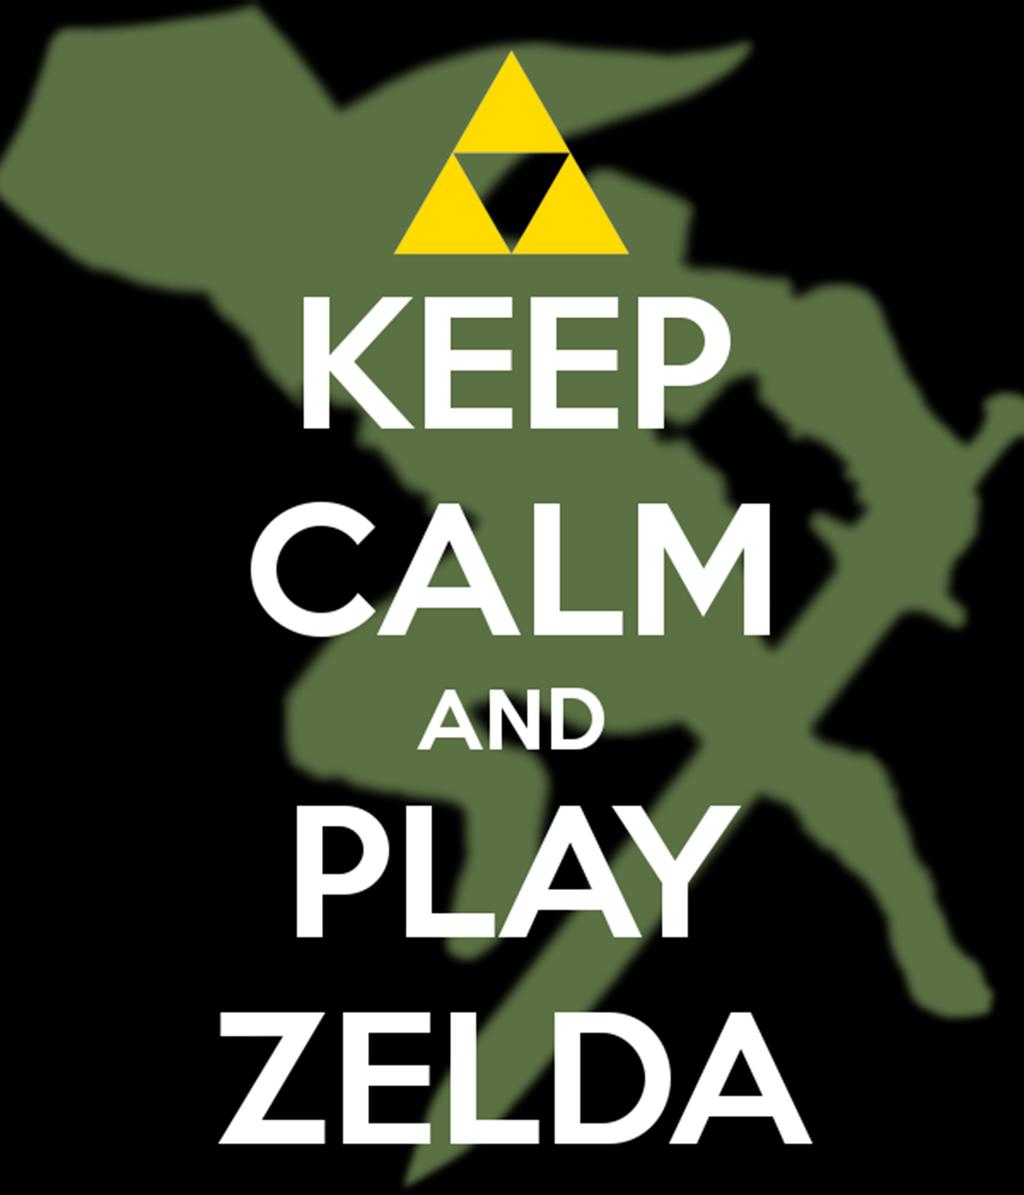 how to play legend of zelda